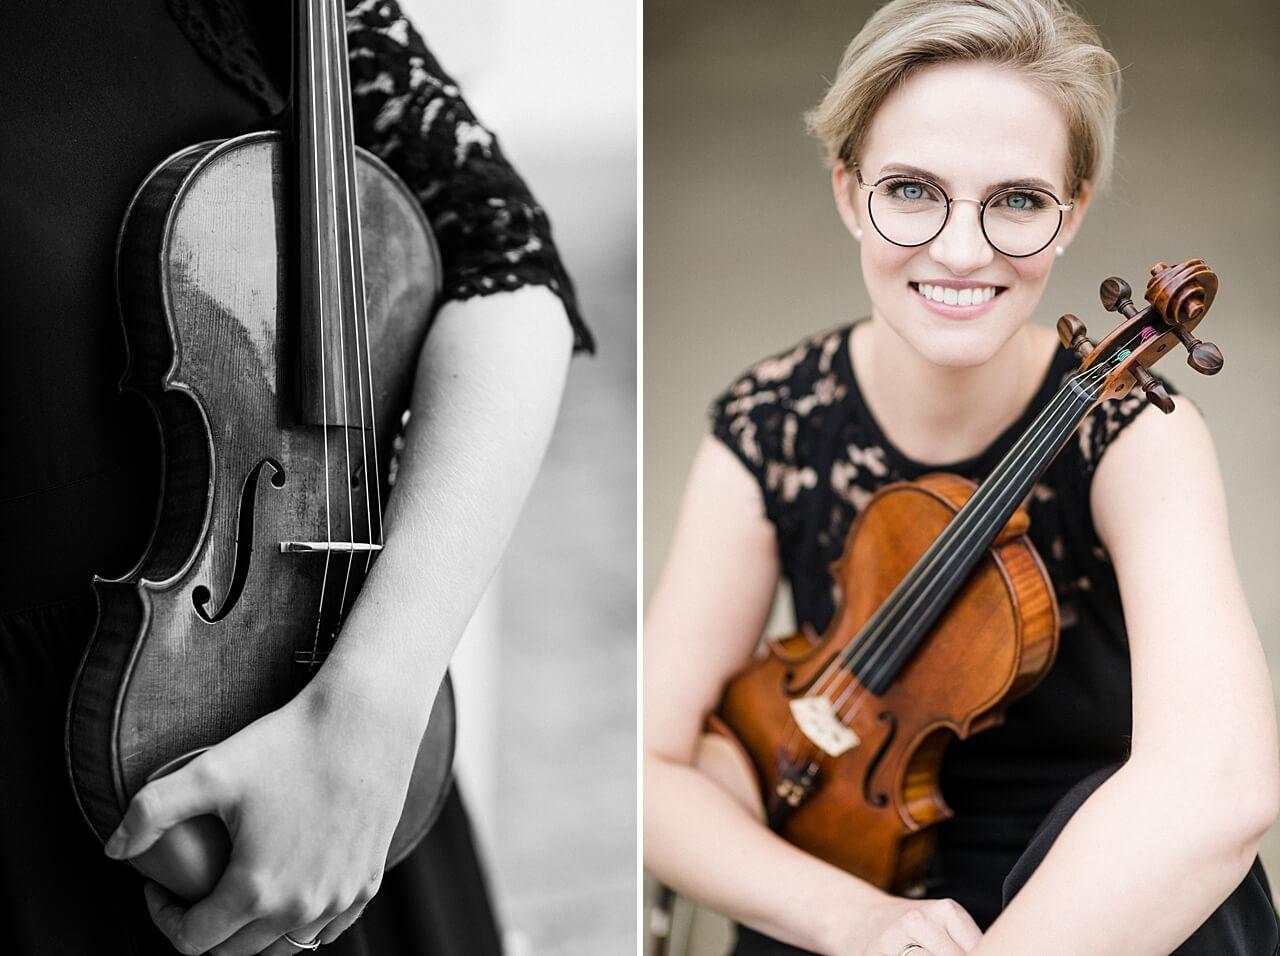 Rebecca Conte Fotografie: Musikerportraits mit Violine 09